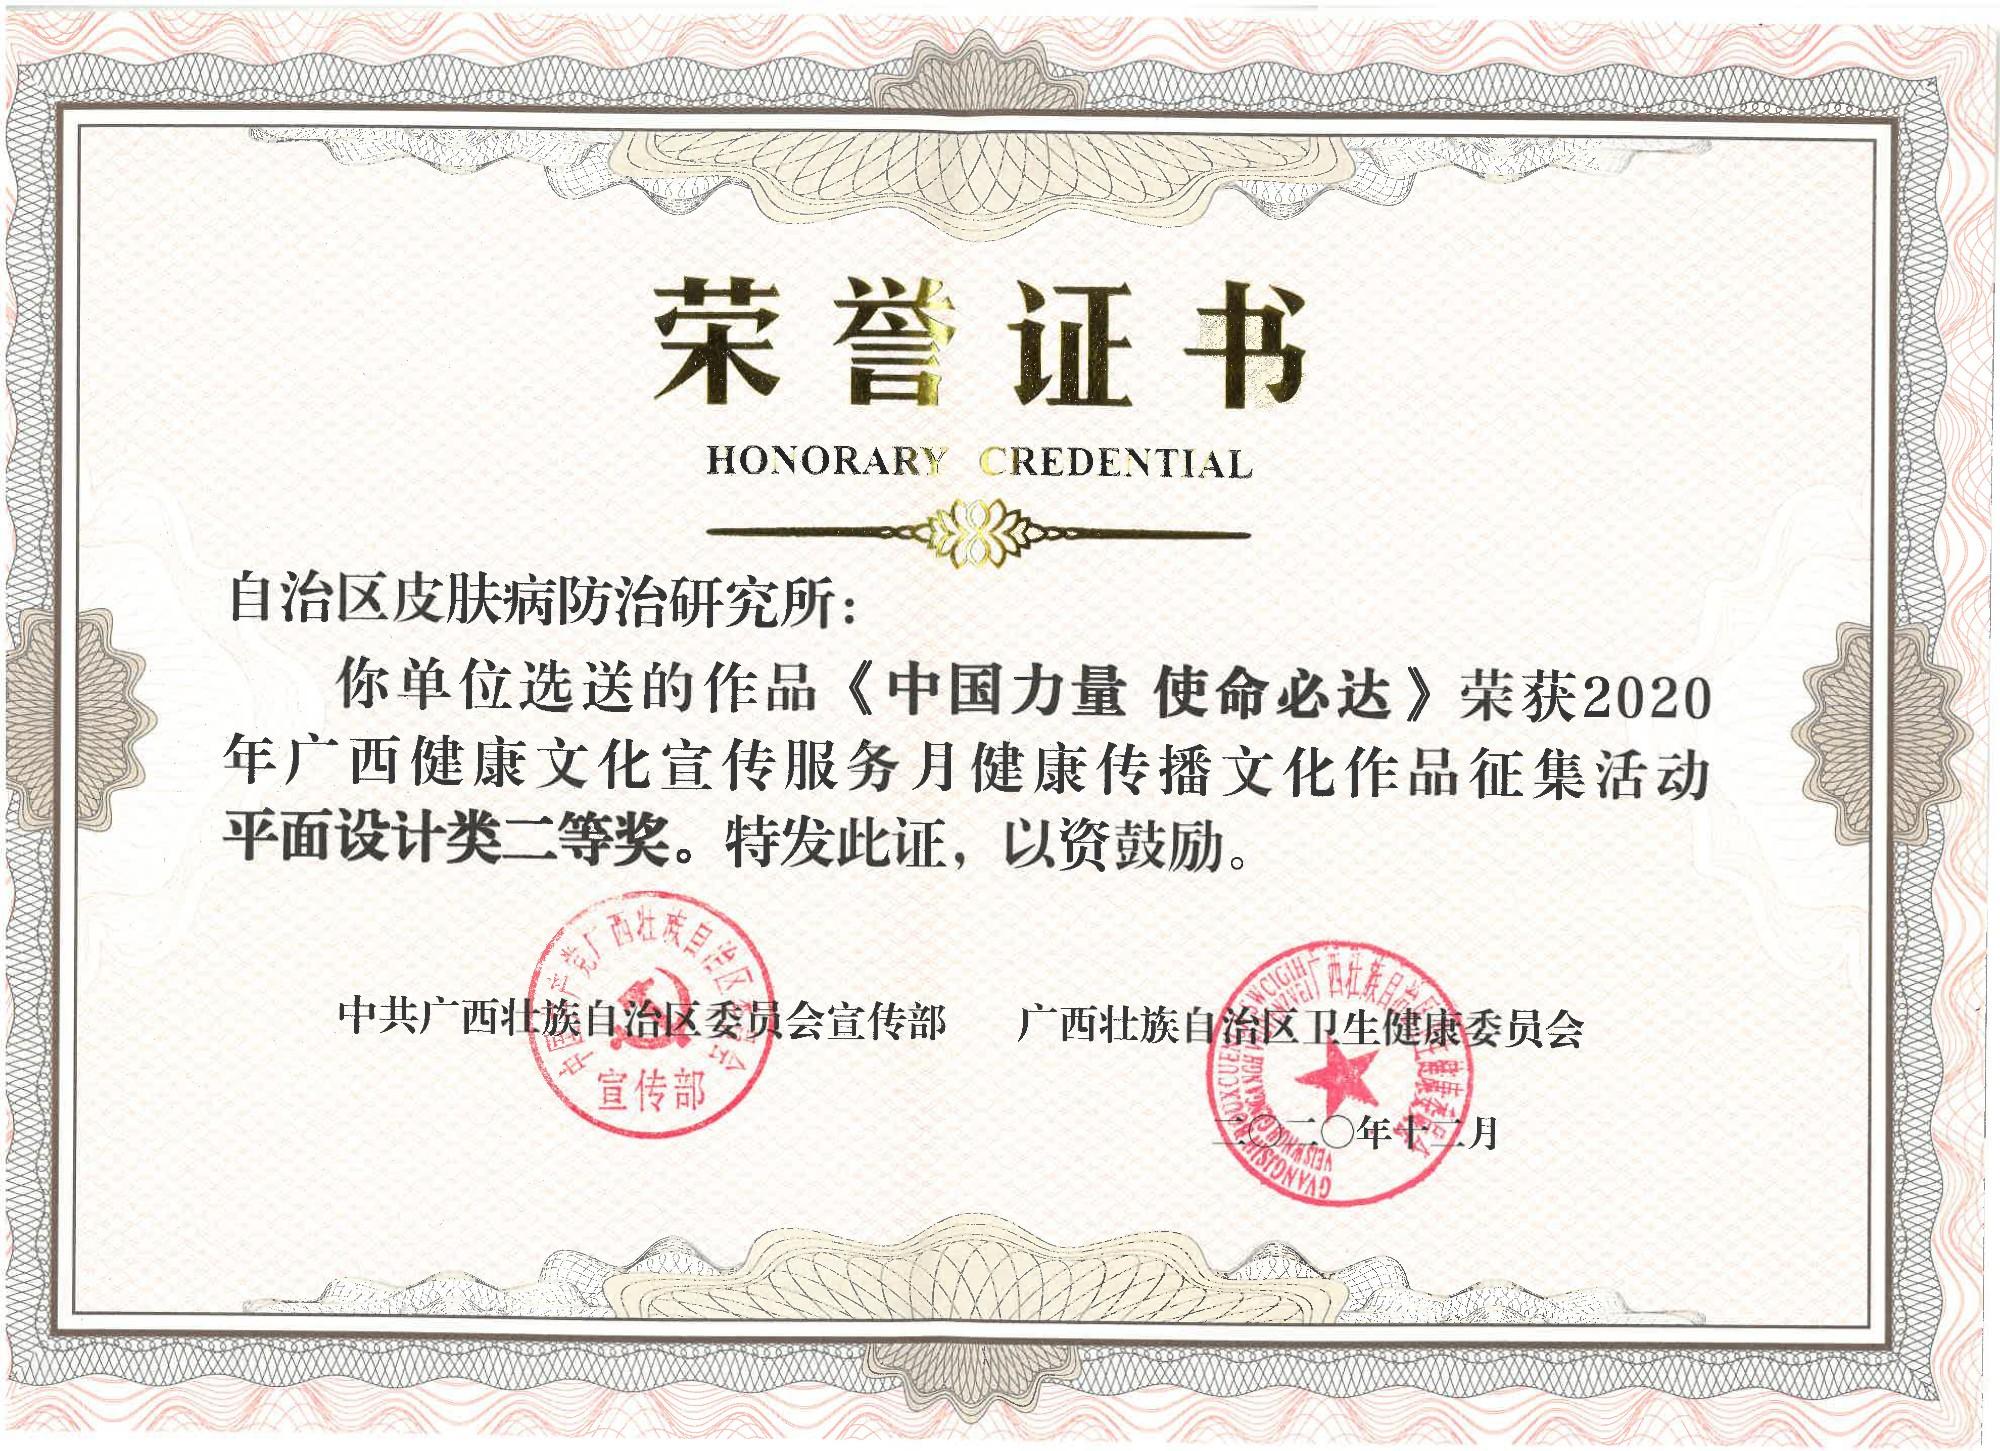 2020年获广西健康传播文化作品征集活动平面设计类二等奖